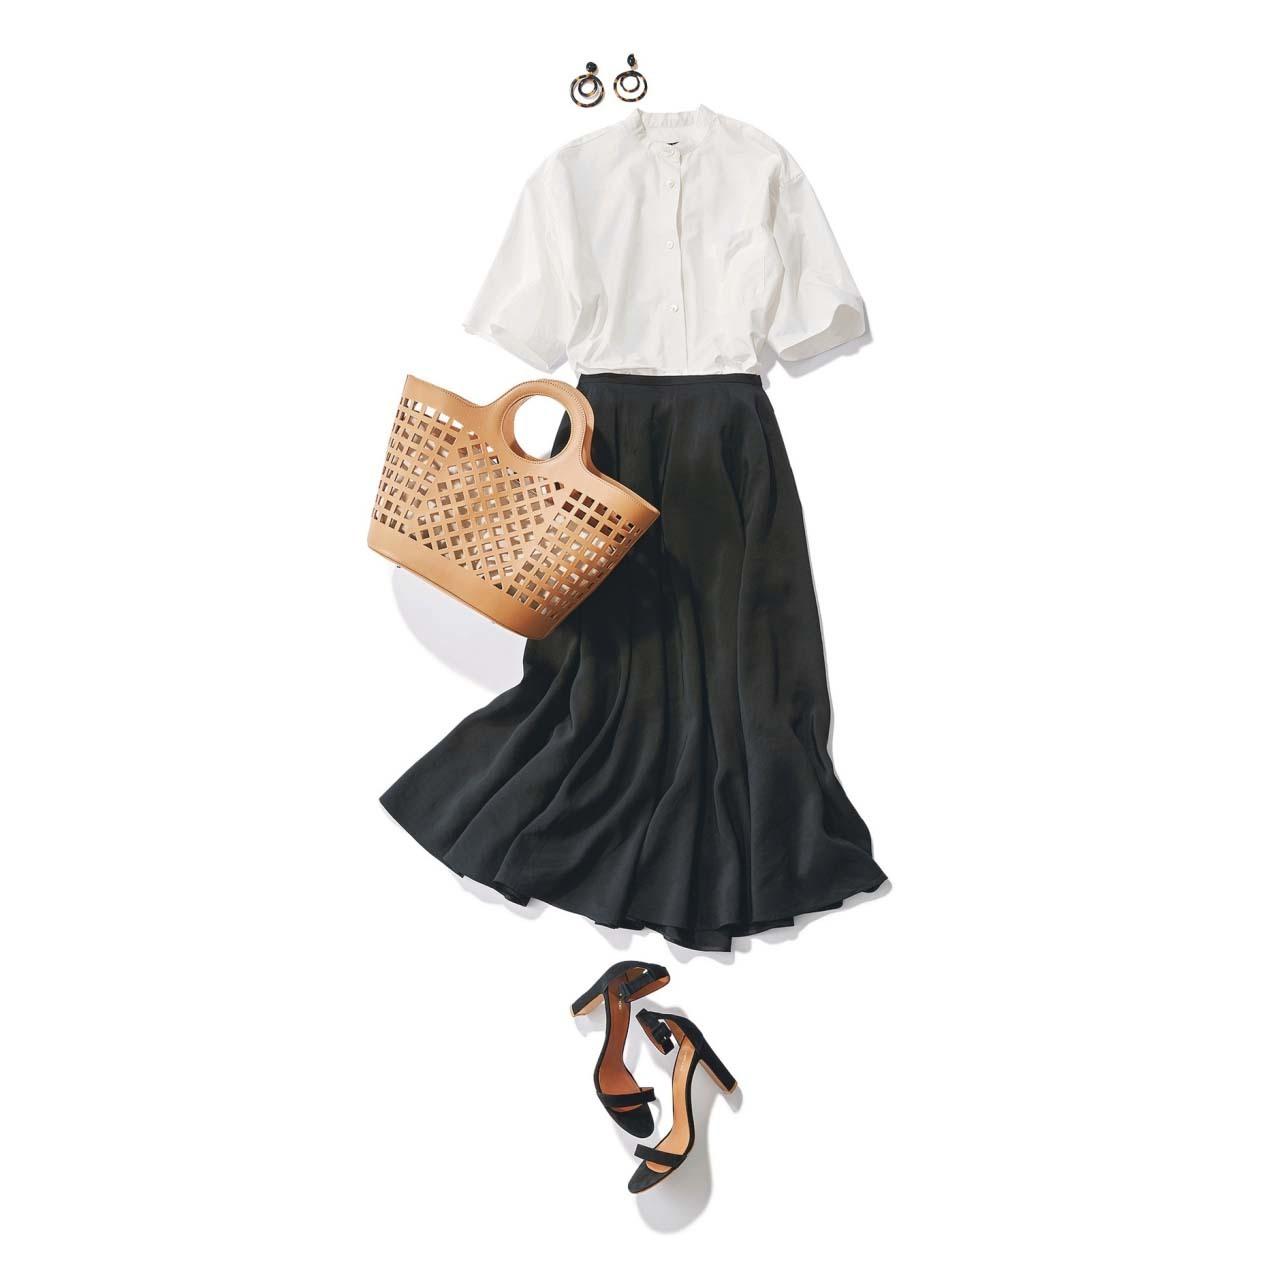 白の半袖シャツ×黒のロングスカートのモノトーンコーデ